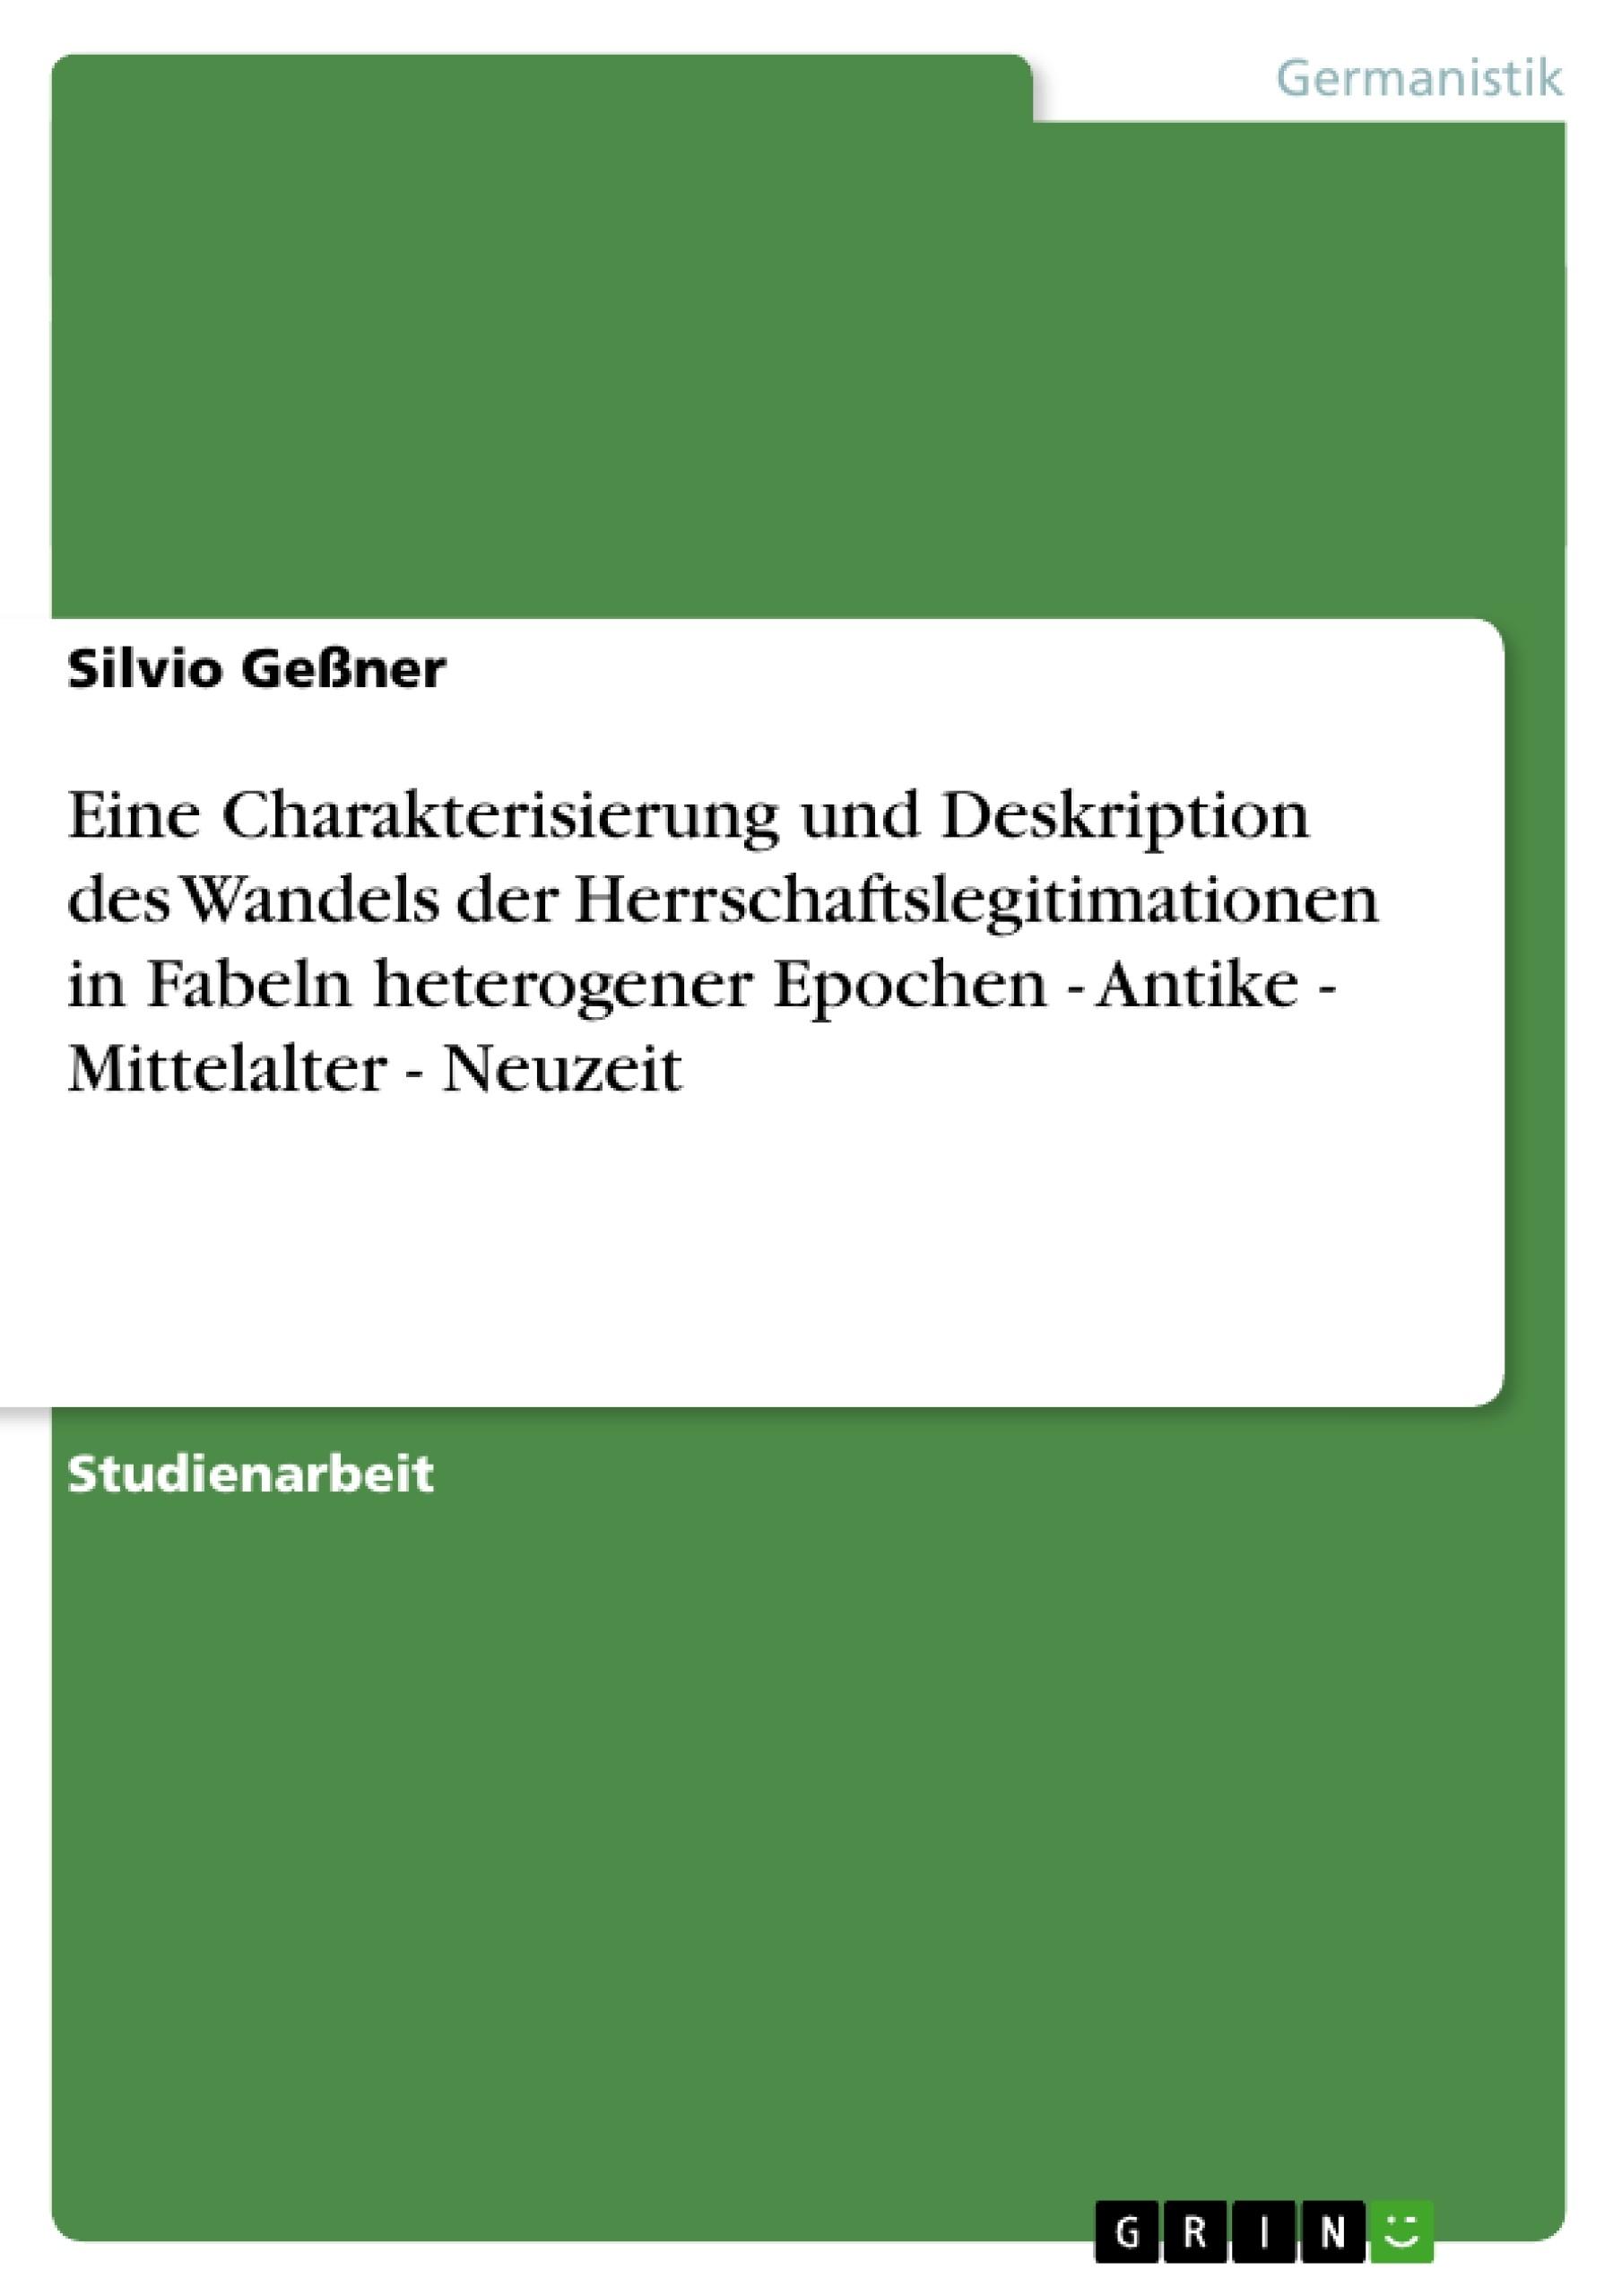 Titel: Eine Charakterisierung und Deskription des Wandels der Herrschaftslegitimationen in Fabeln heterogener Epochen   -  Antike - Mittelalter - Neuzeit